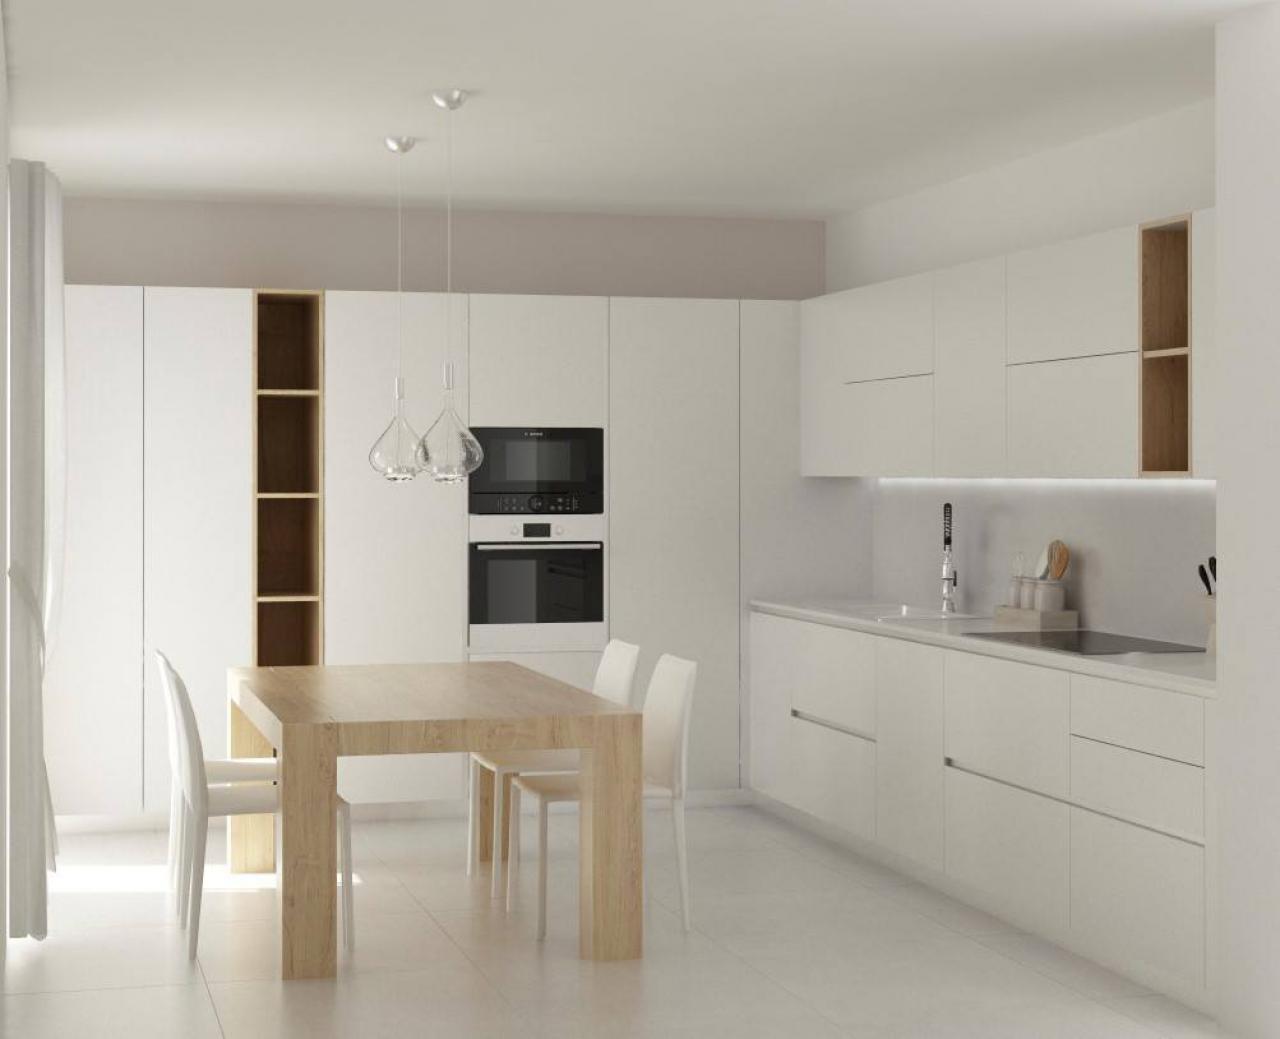 Cucina Moderna Bianca. Good Cucina Bianca Moderna With Cucina ...